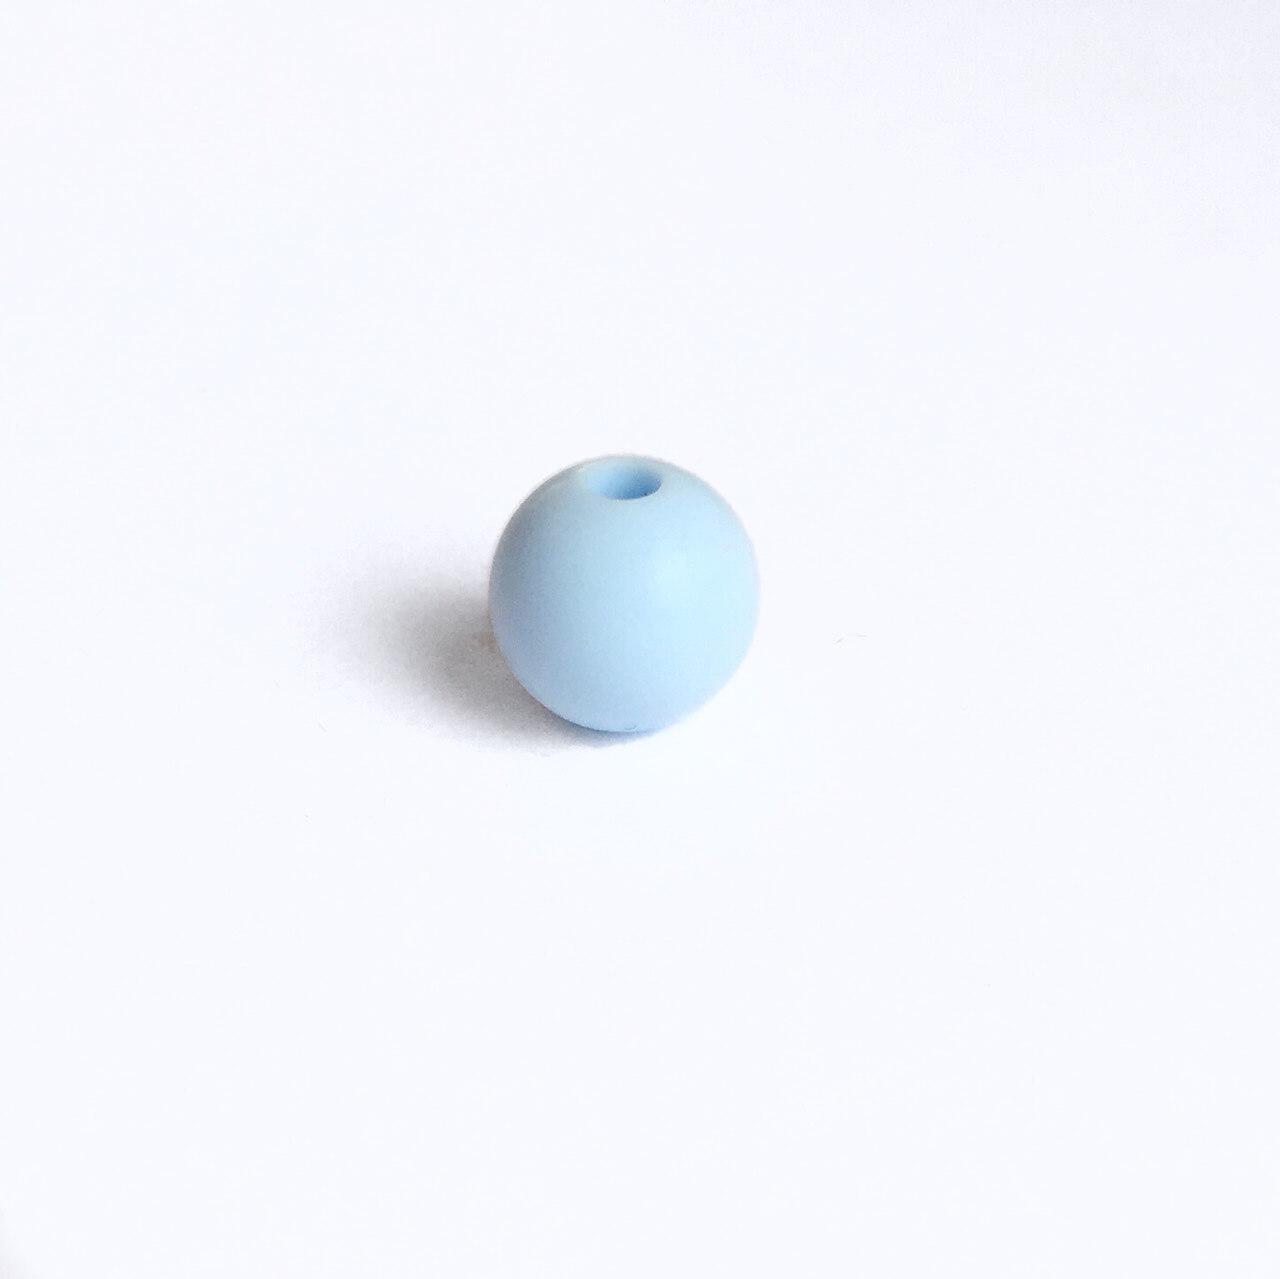 9мм (беби блю) круглая, силиконовая бусина